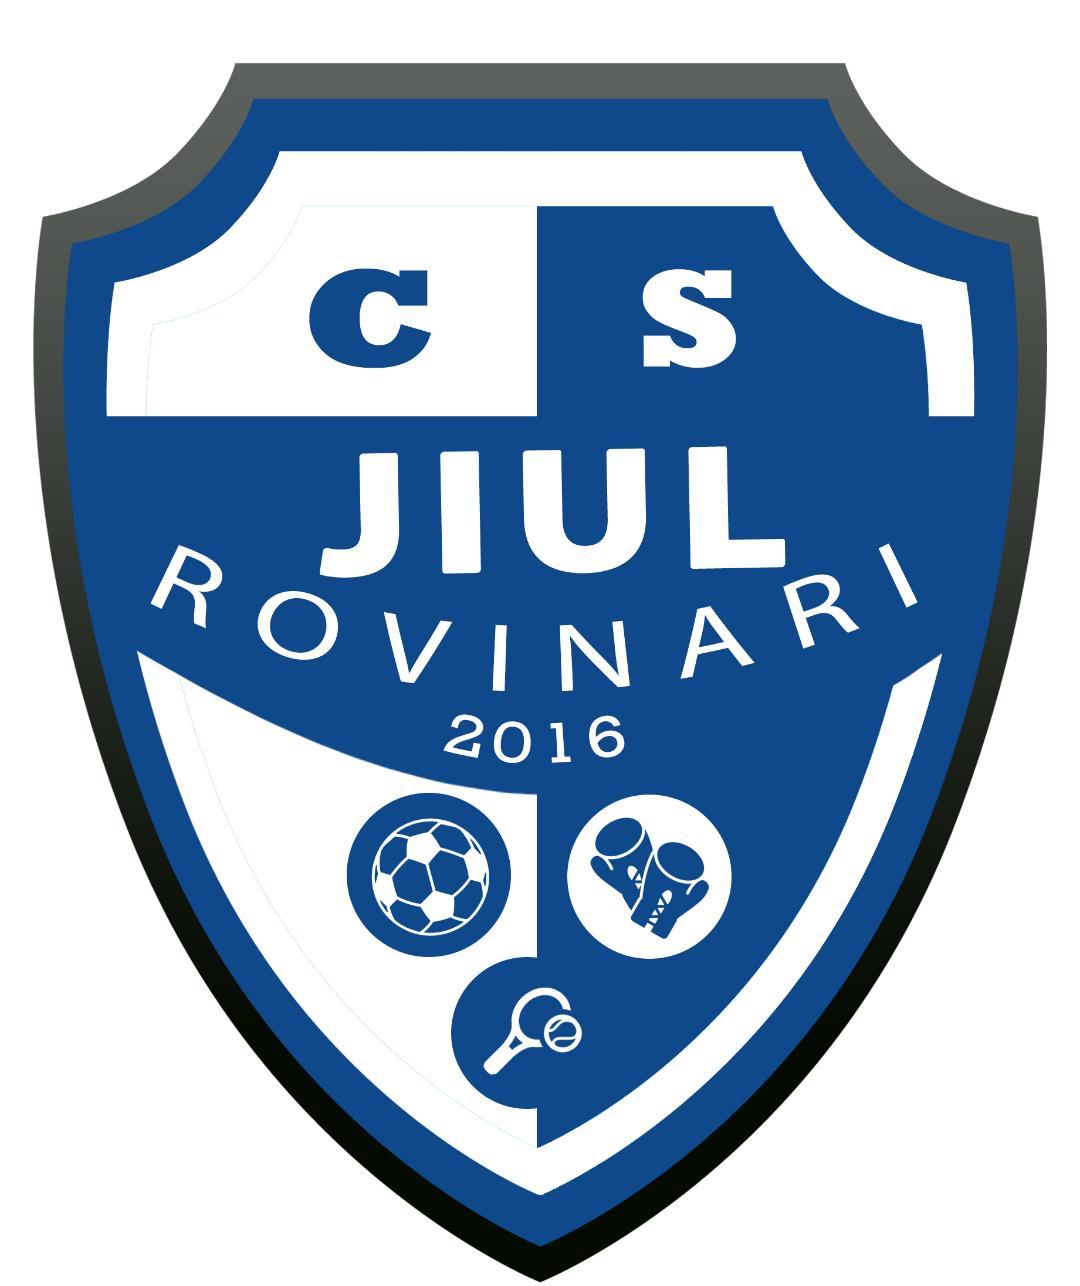 CS Jiul Rovinari 2016